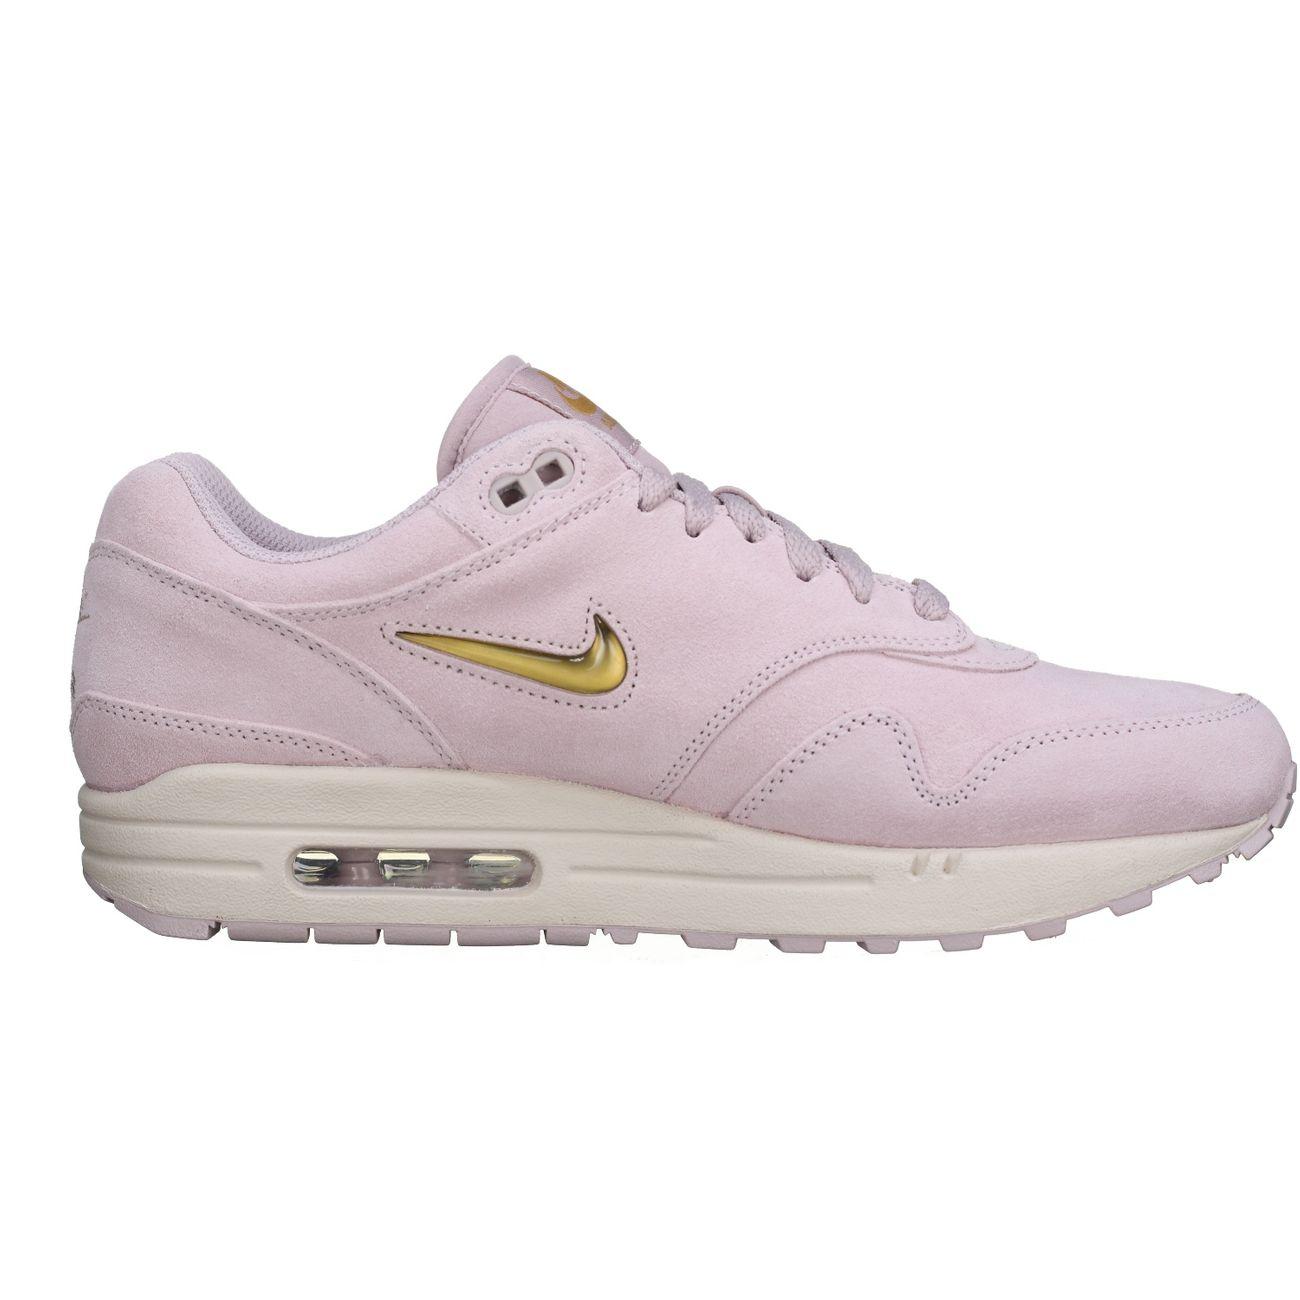 Nike Air Max 1 Premium SC Rose | 918354 601 |